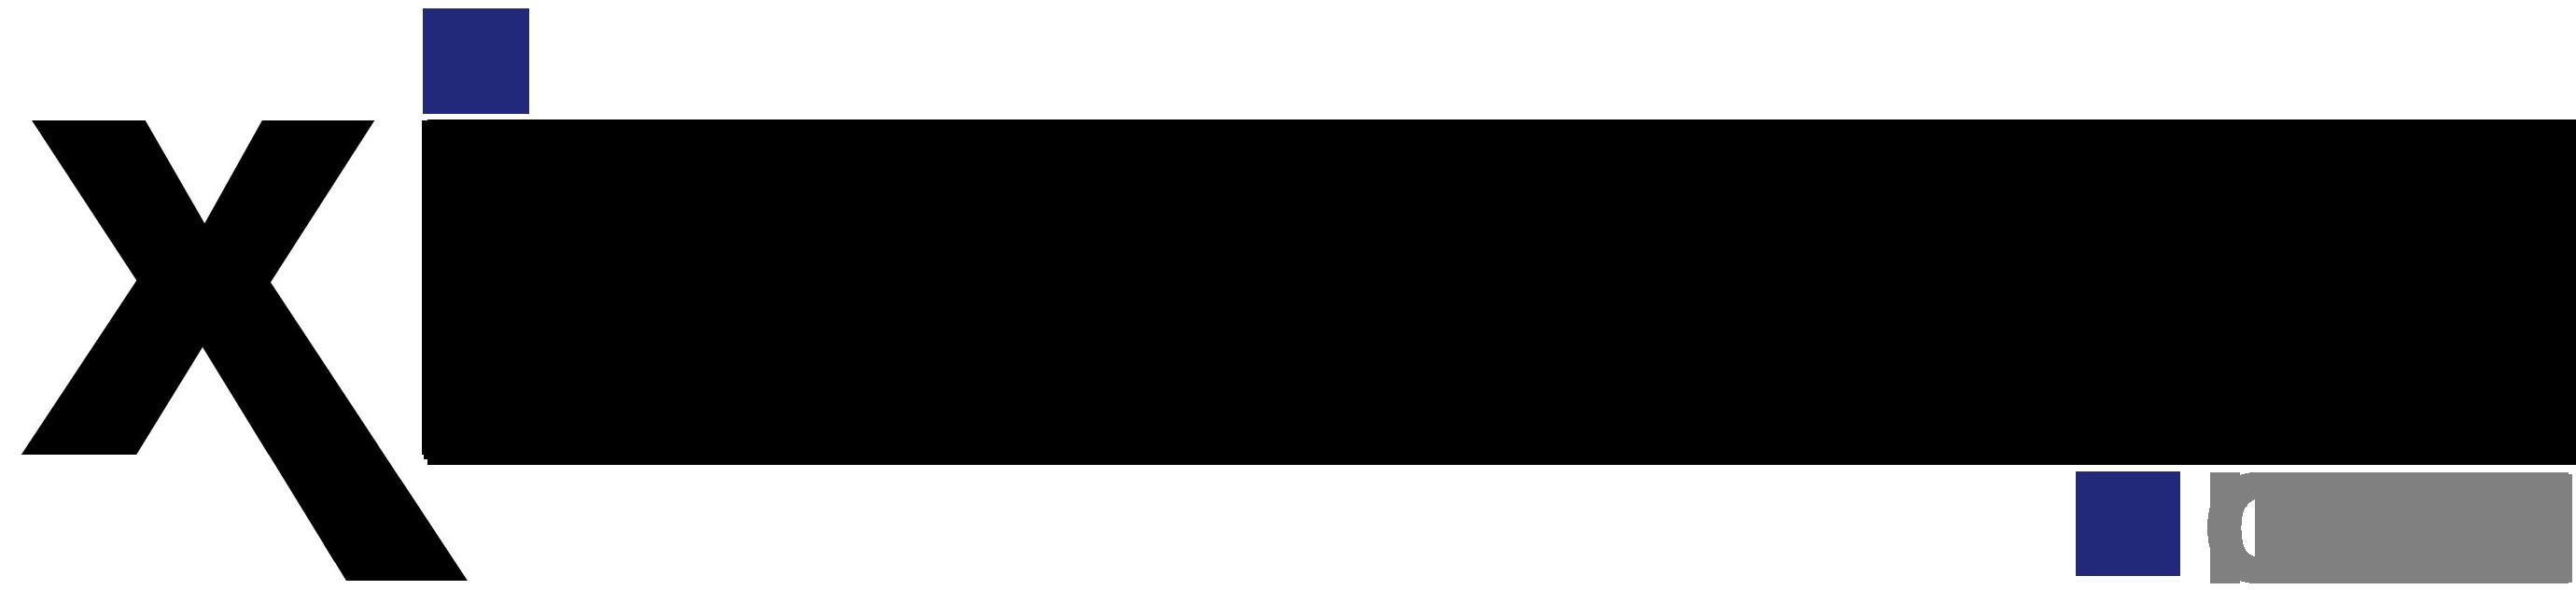 Xiologix